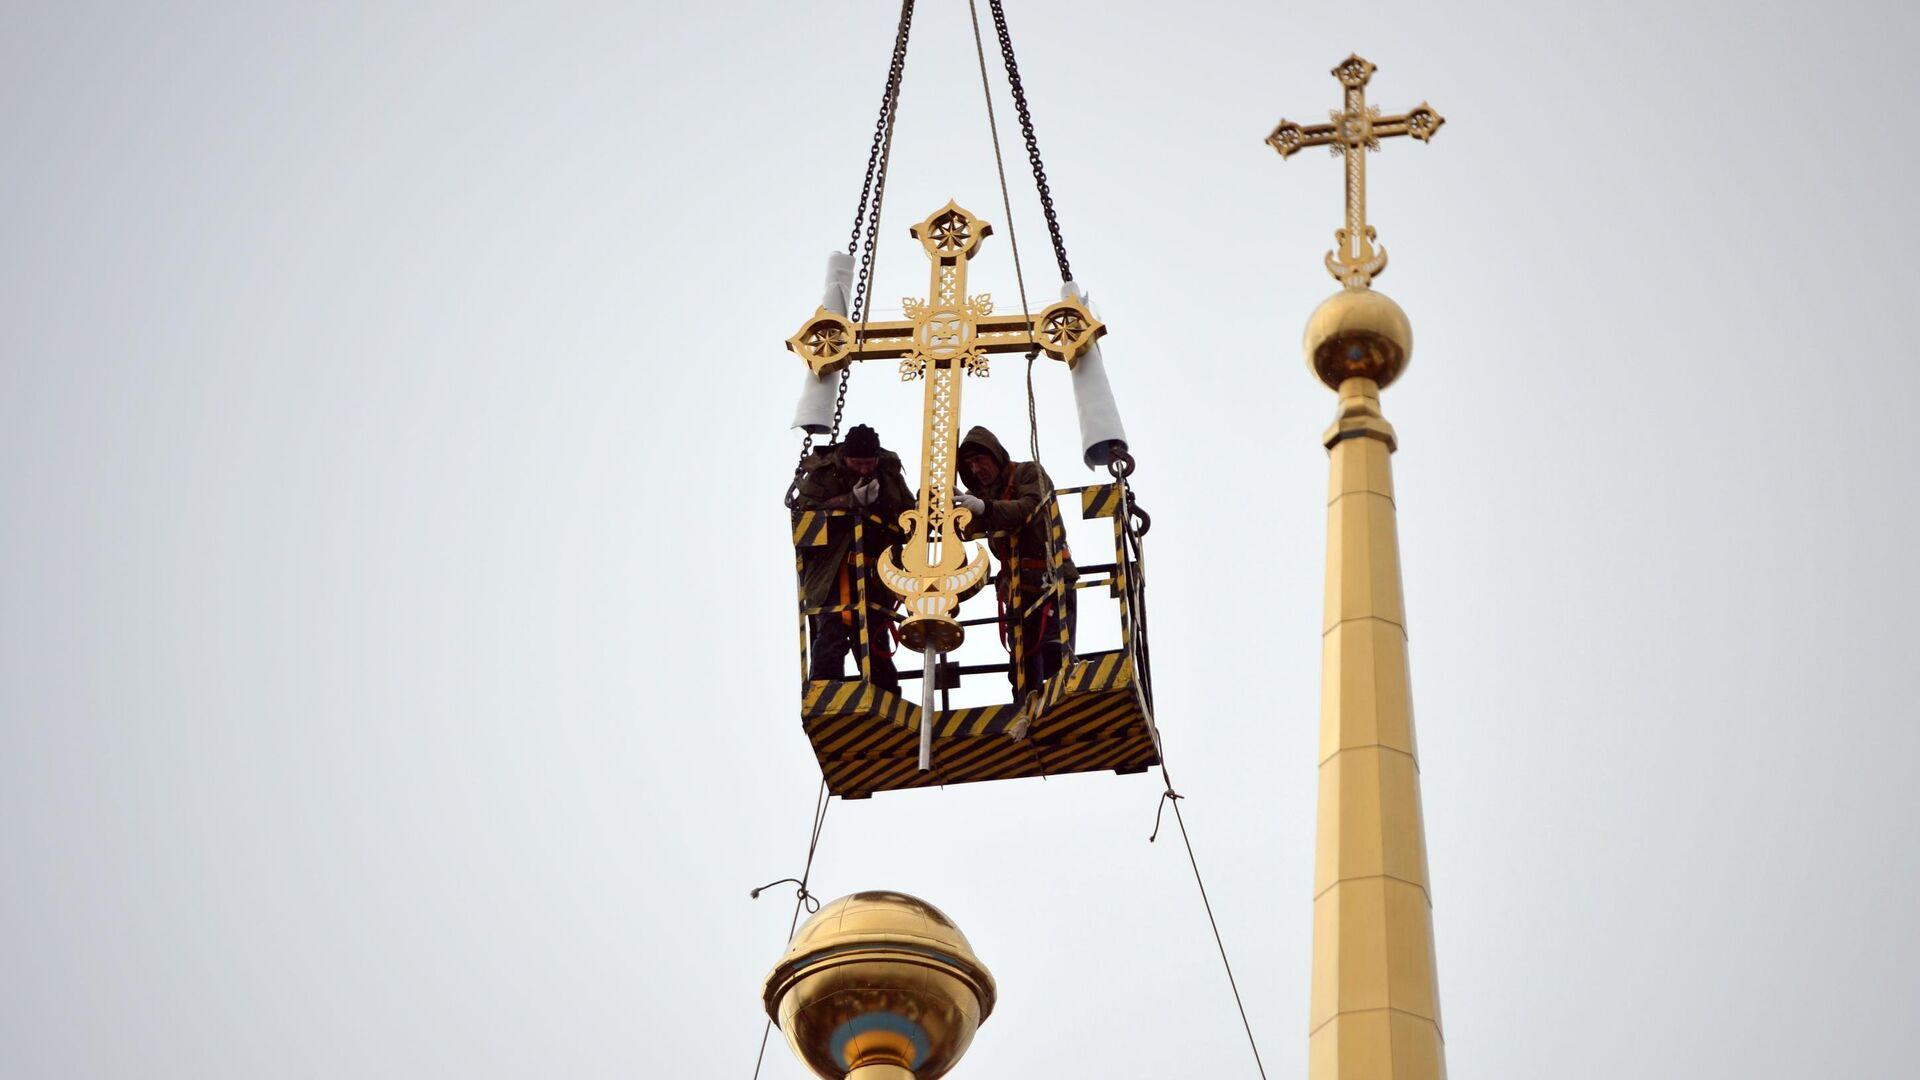 Установка крестов на купол Успенского собора в Екатеринбурге - РИА Новости, 1920, 19.07.2021